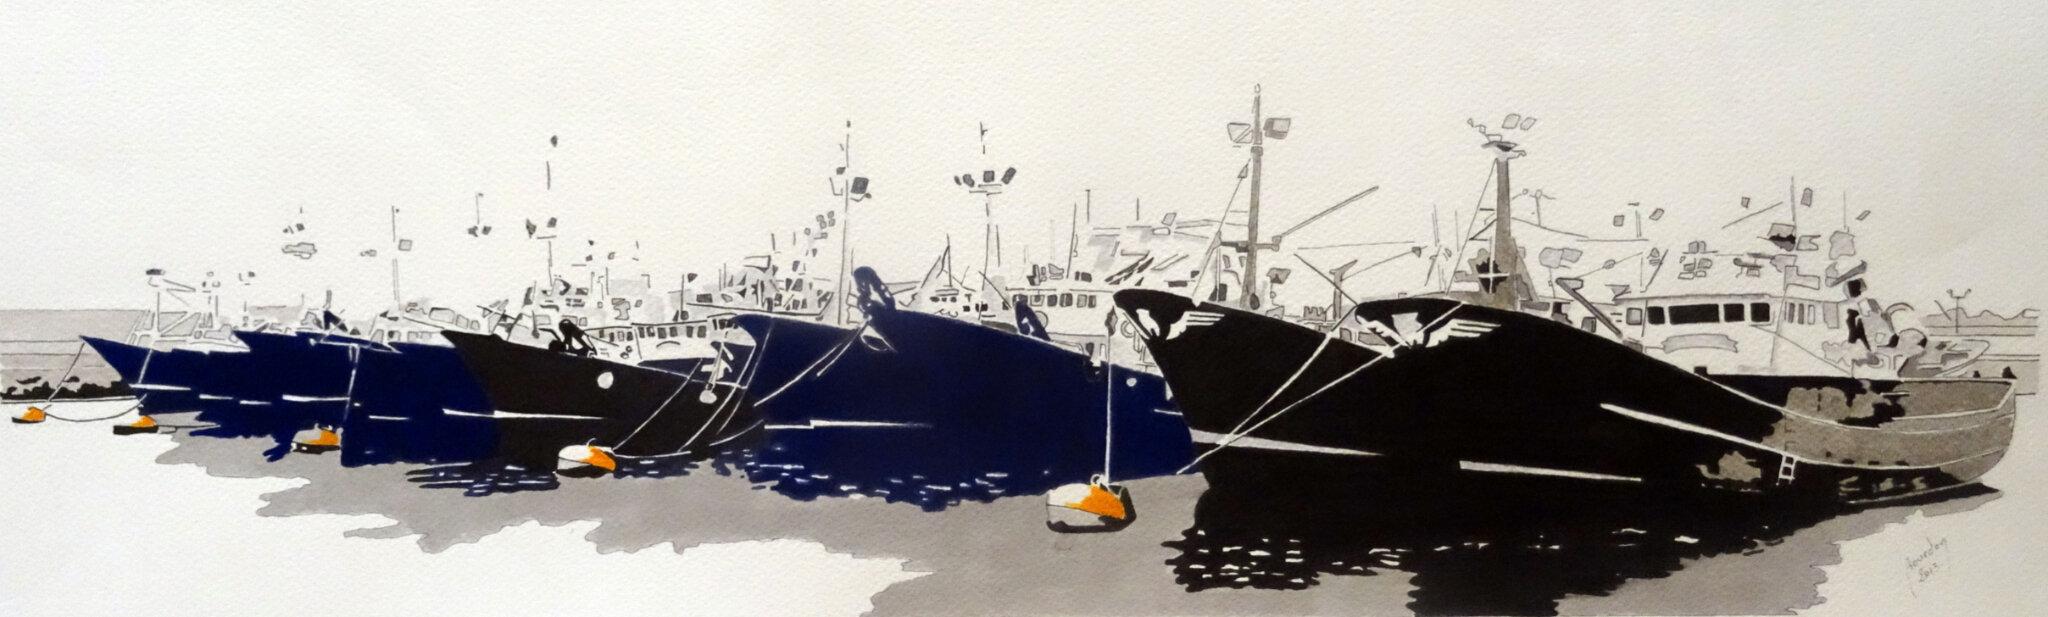 32 Fontarabie, le port de pêche